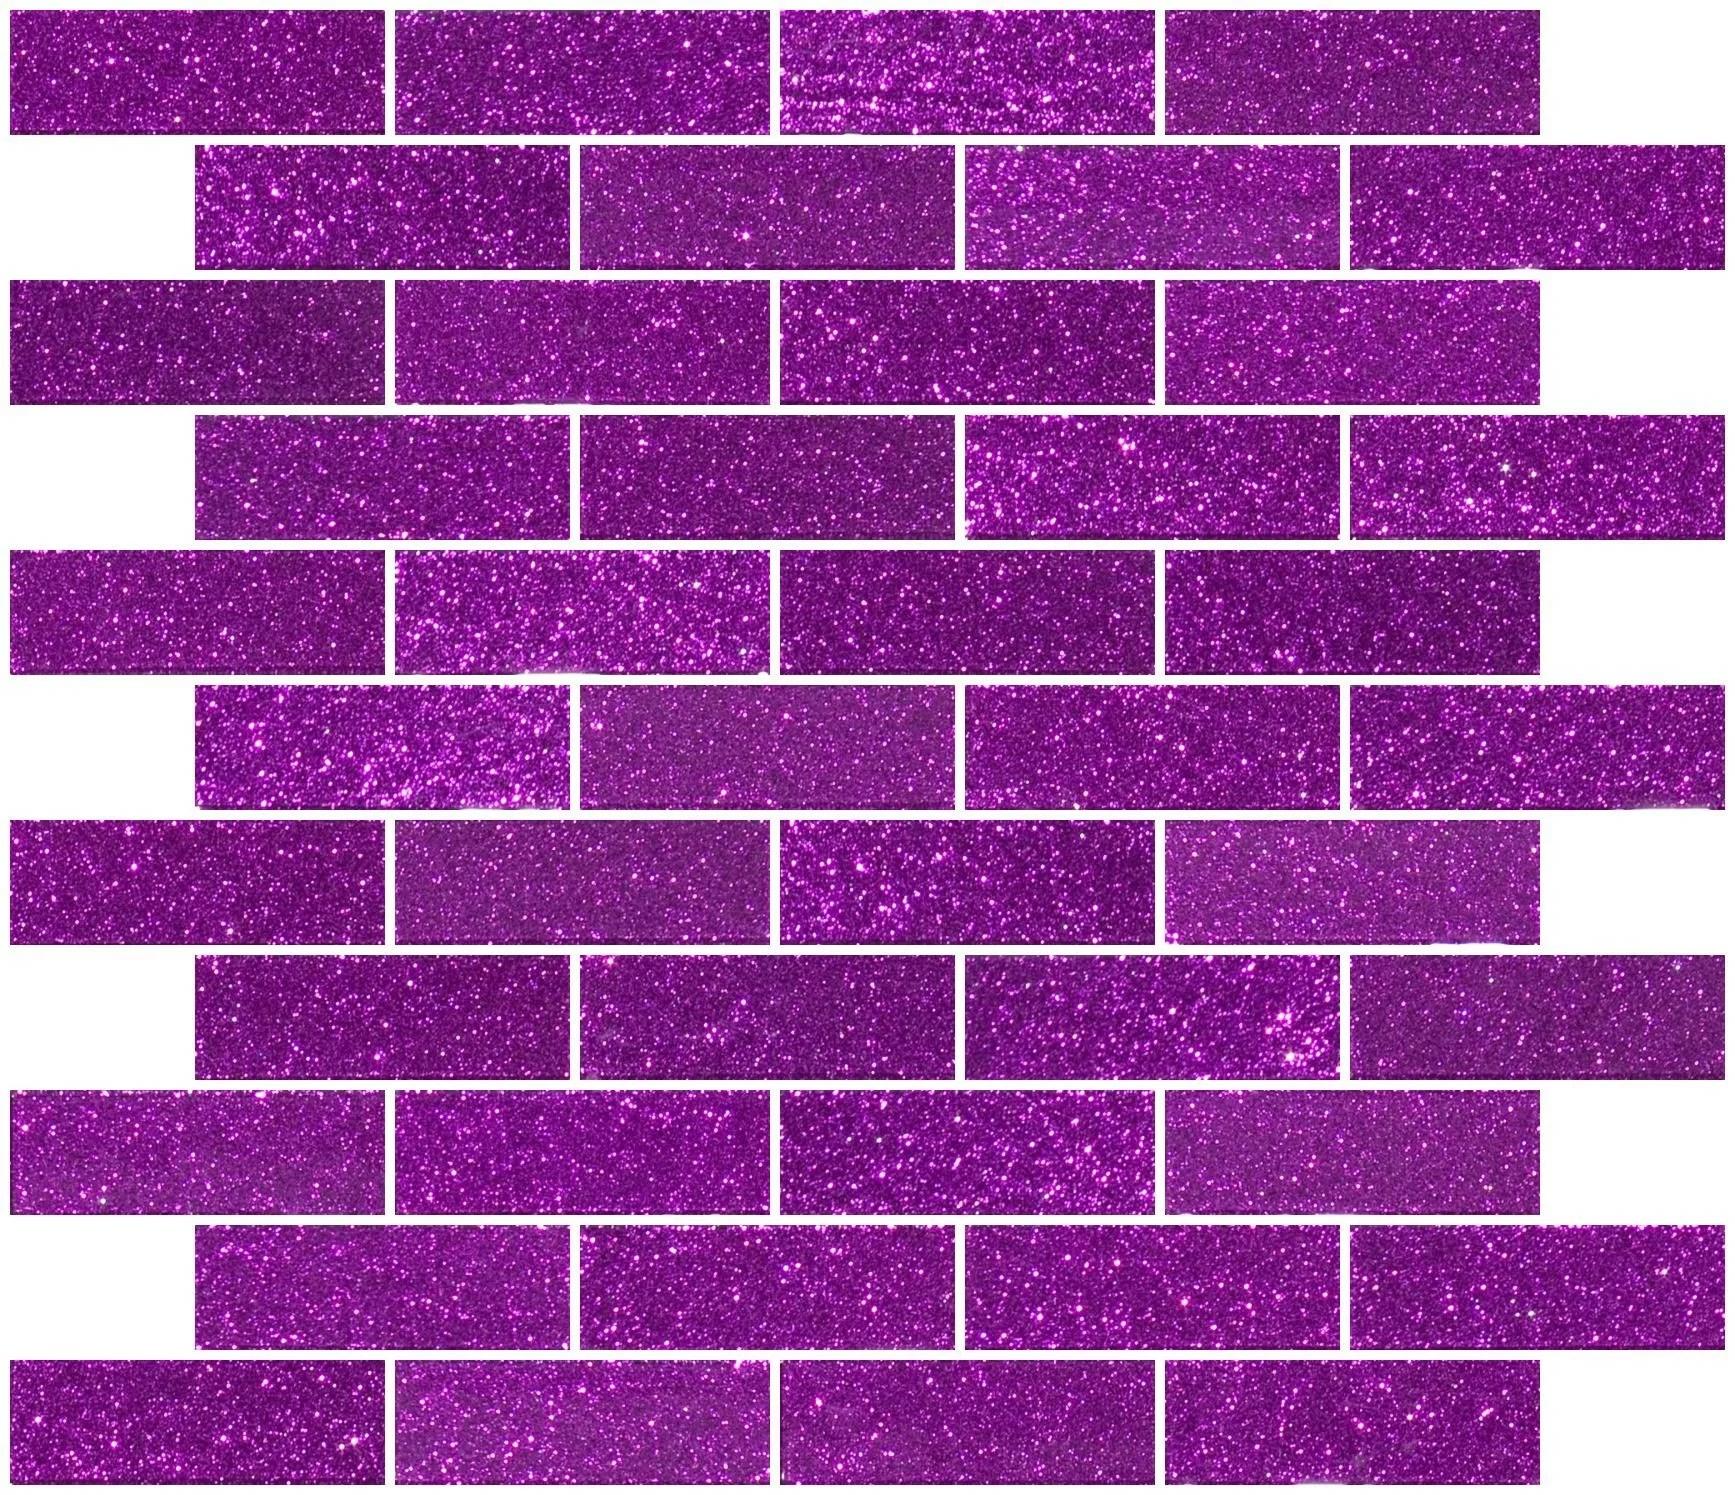 kilner 1 x 3 glass subway tile in purple violet